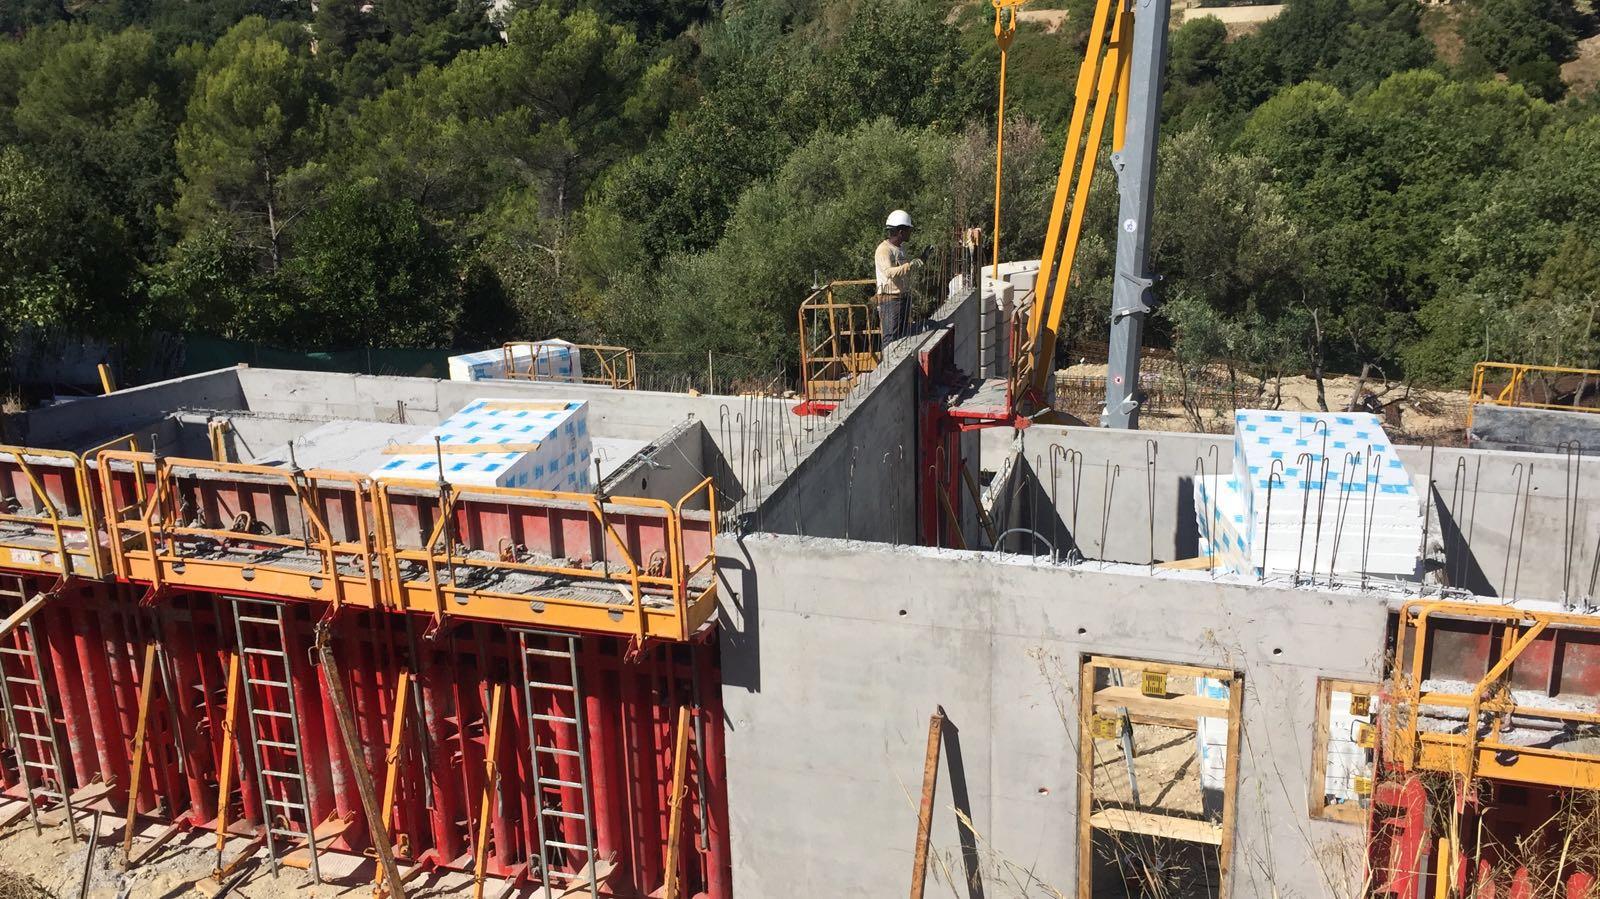 LES JARDINS DU PEYMONT - LA GAUDE - Construction de six maisons en R+1 en tout corps d'état - Août 2016 à Avril 2017